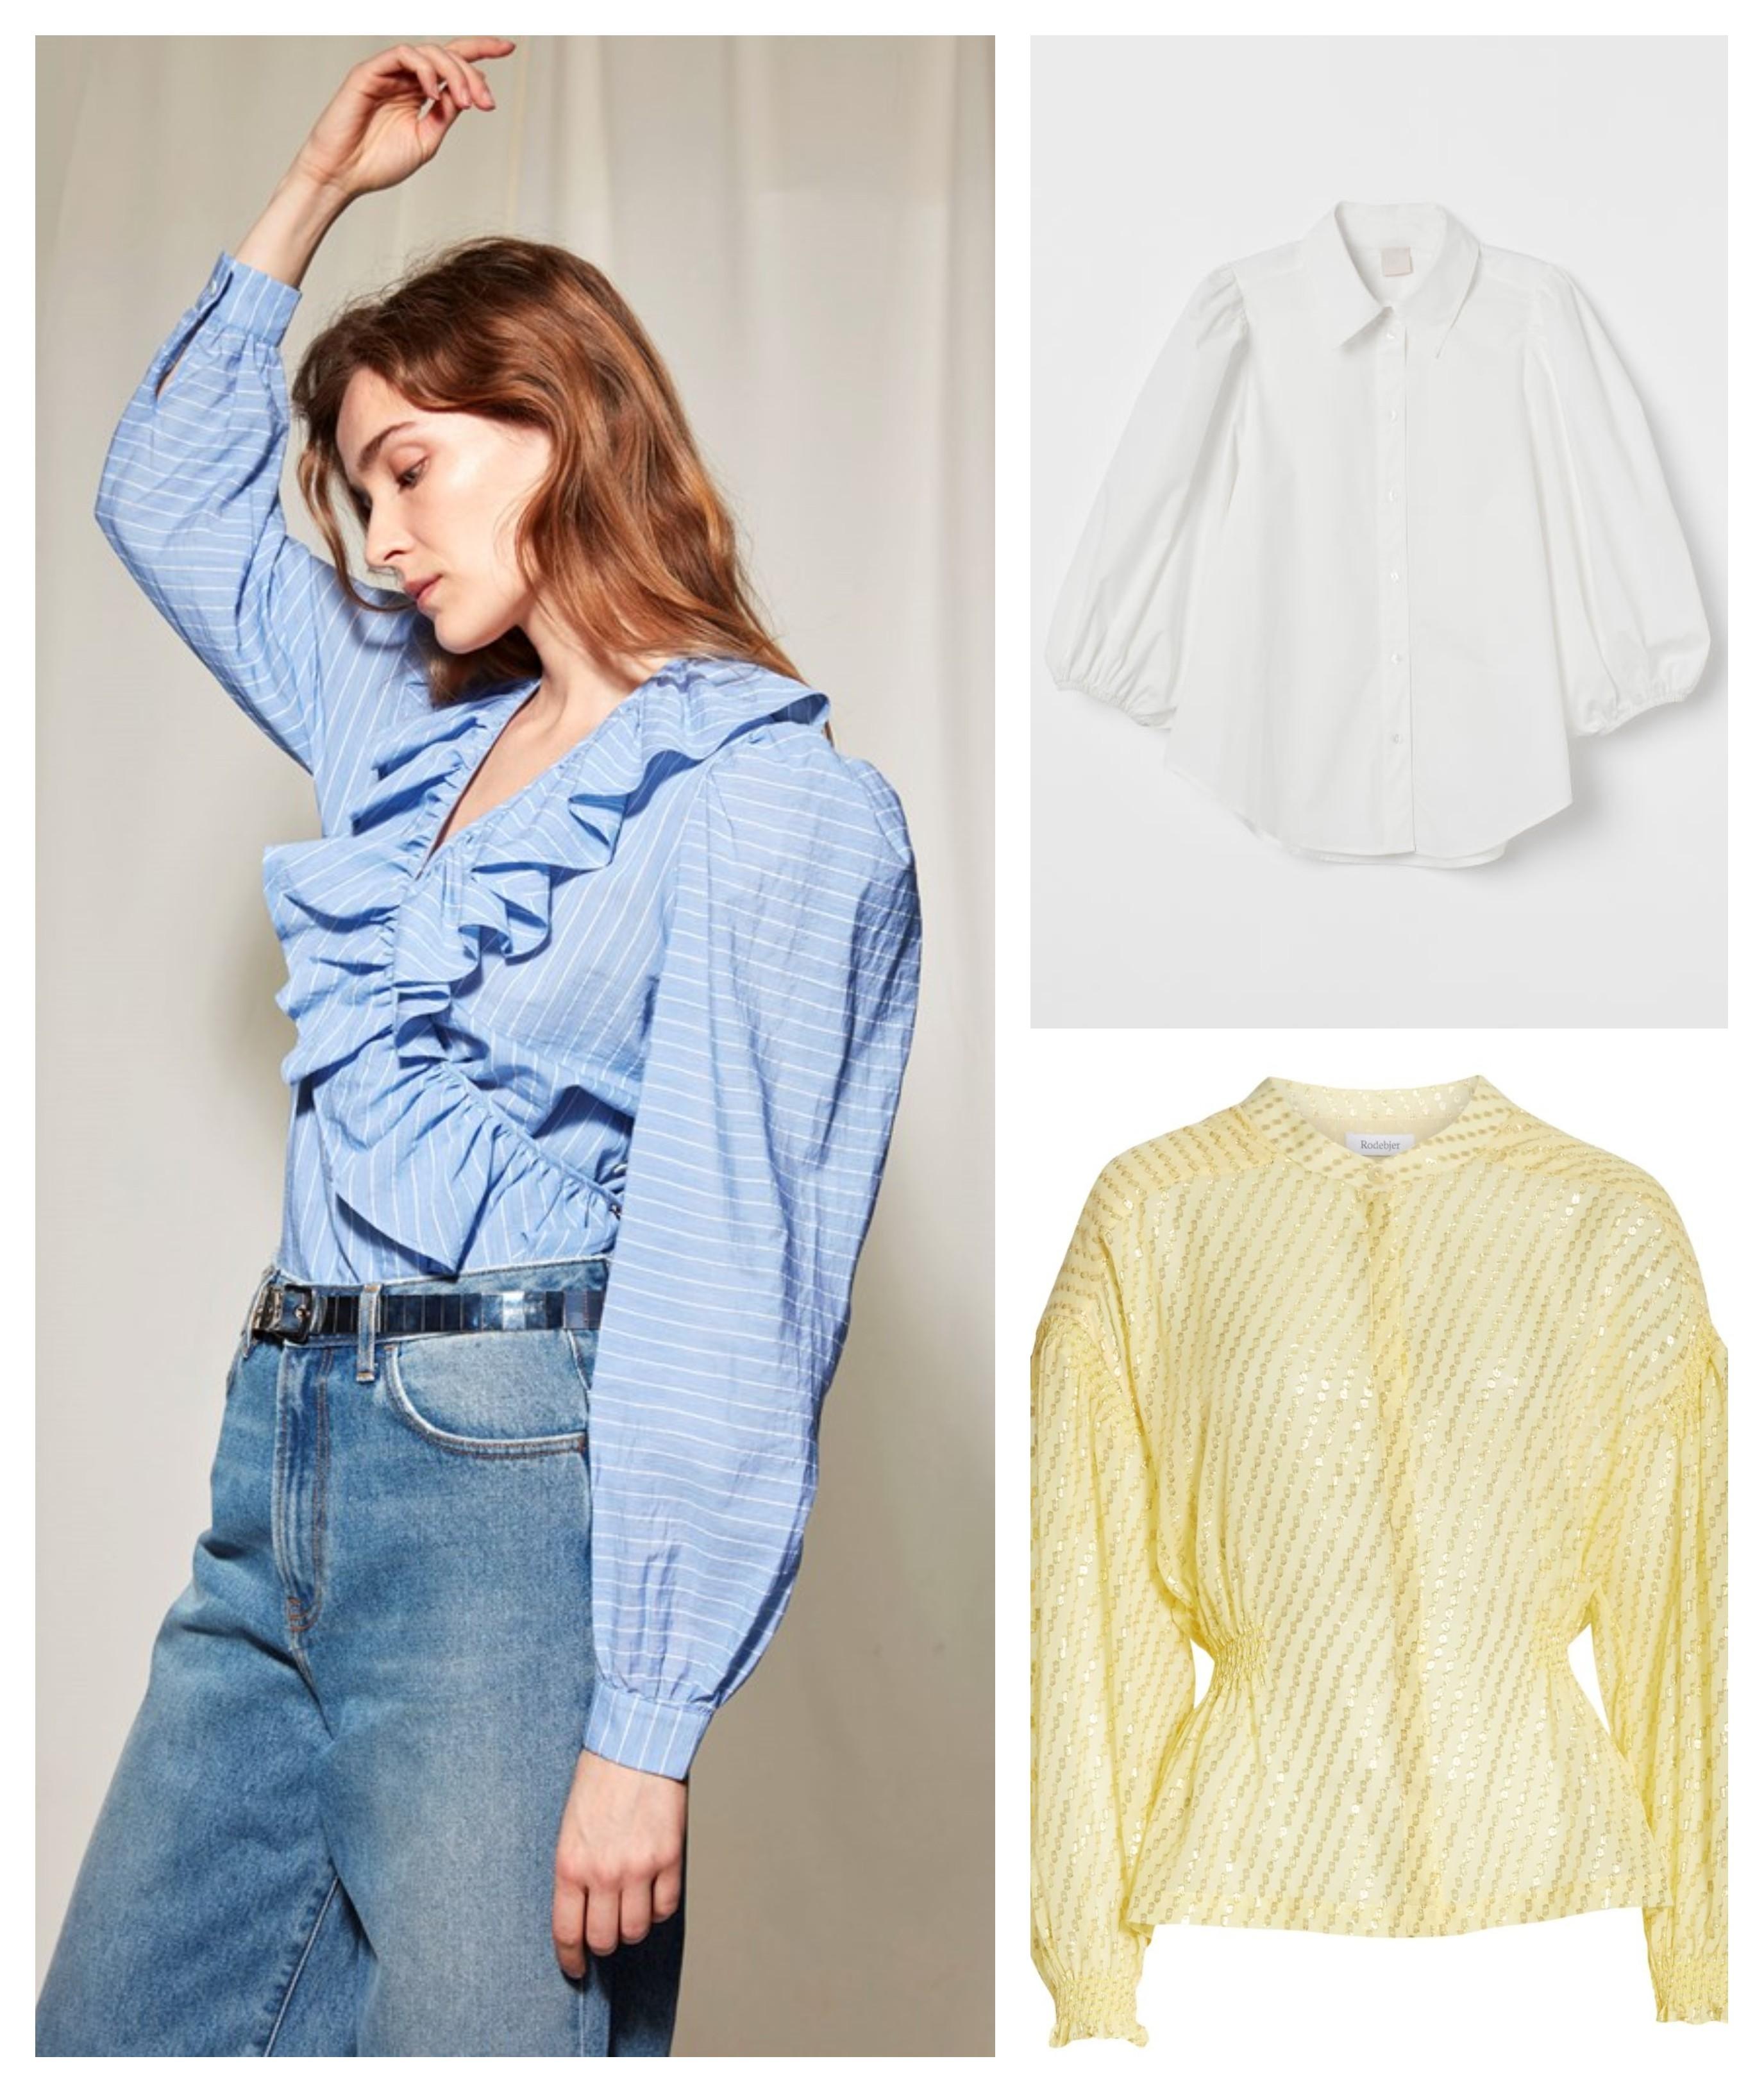 Eksempler på kjoler og bluser med puffermer